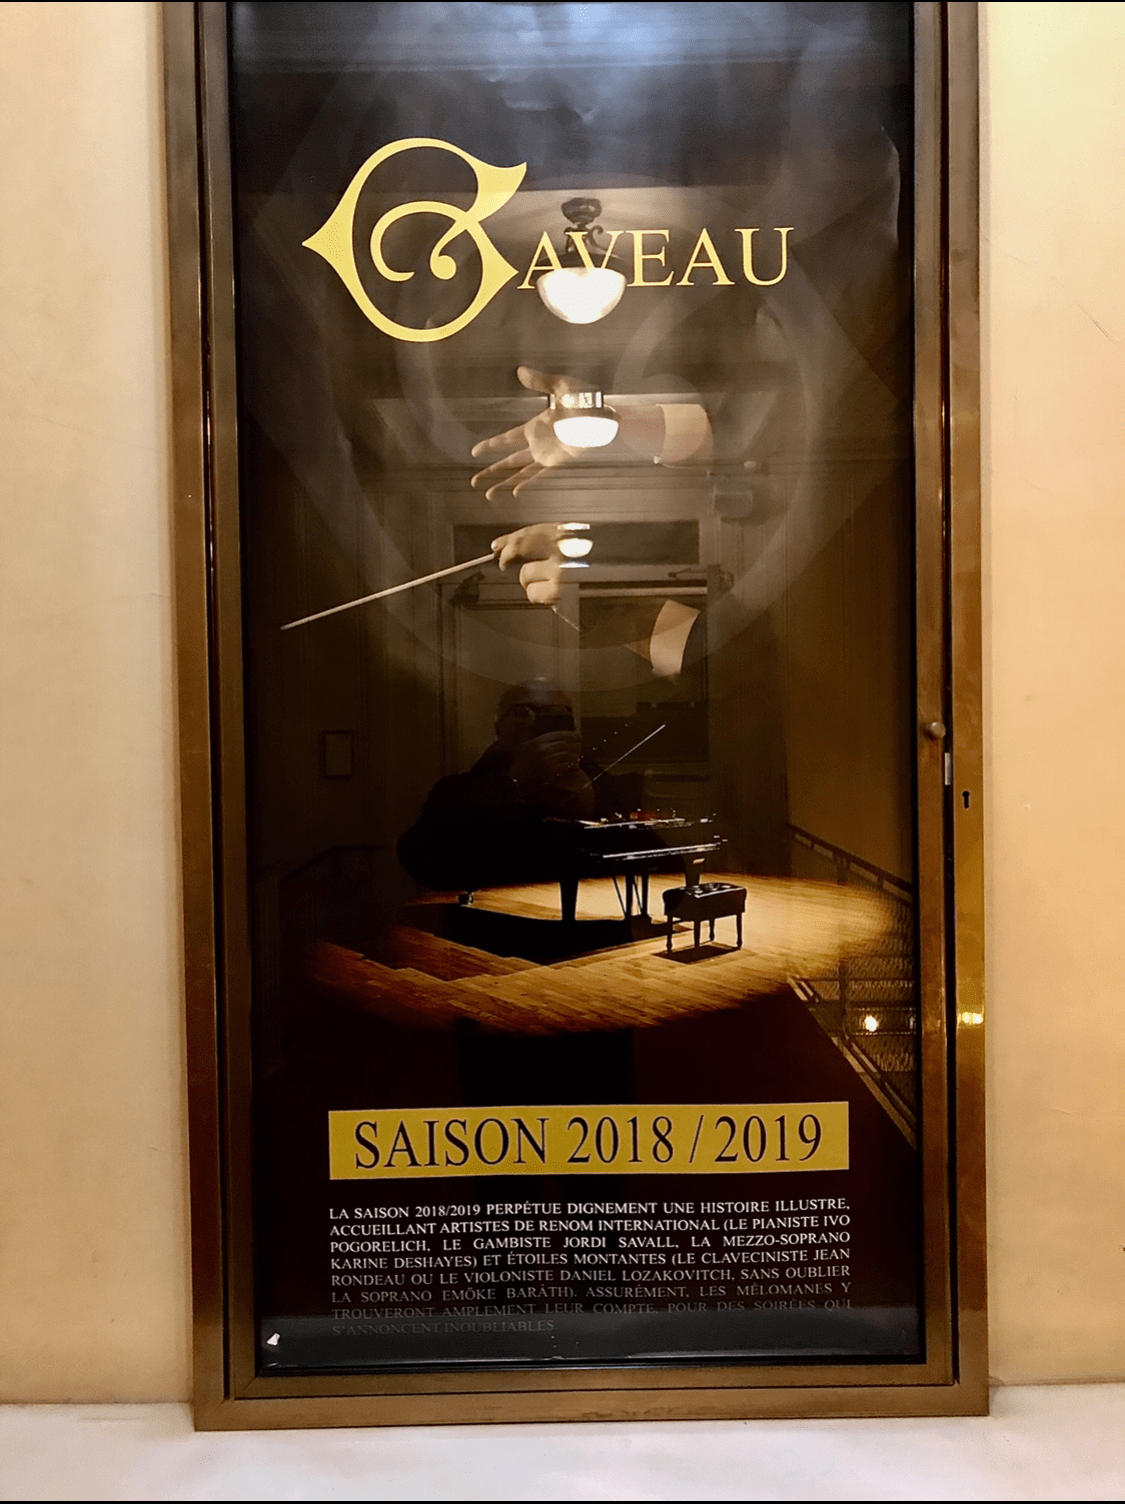 Affiche Concert Gaveau